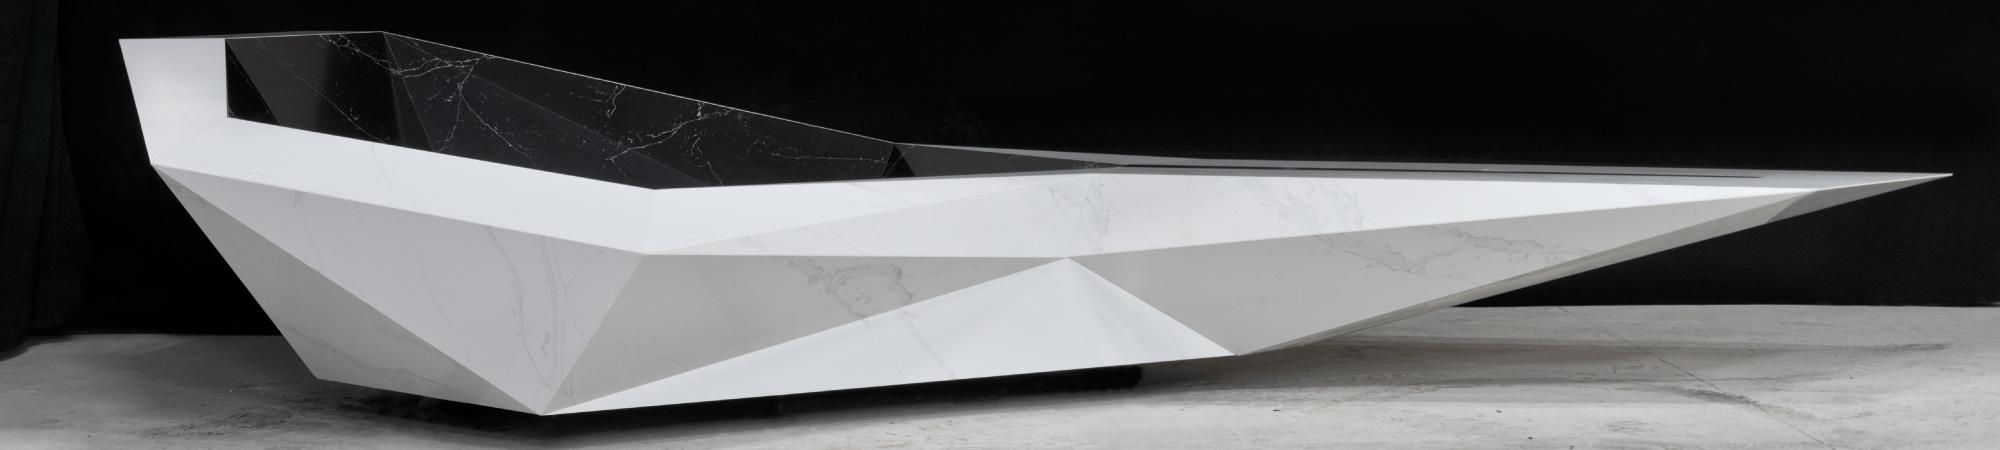 COMPAC Hammam - Unique Calacatta & Unique Marquina